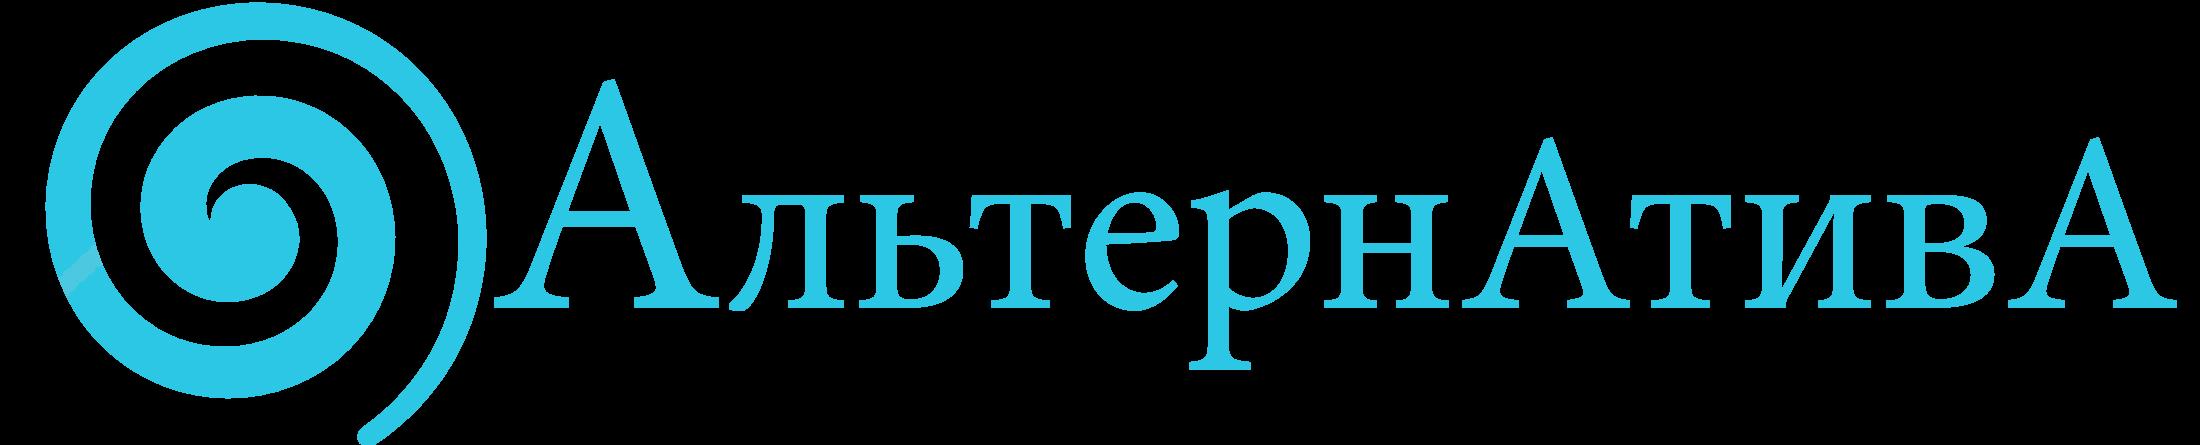 Пергаментная бумага с доставкой по всей России - Альтернатива